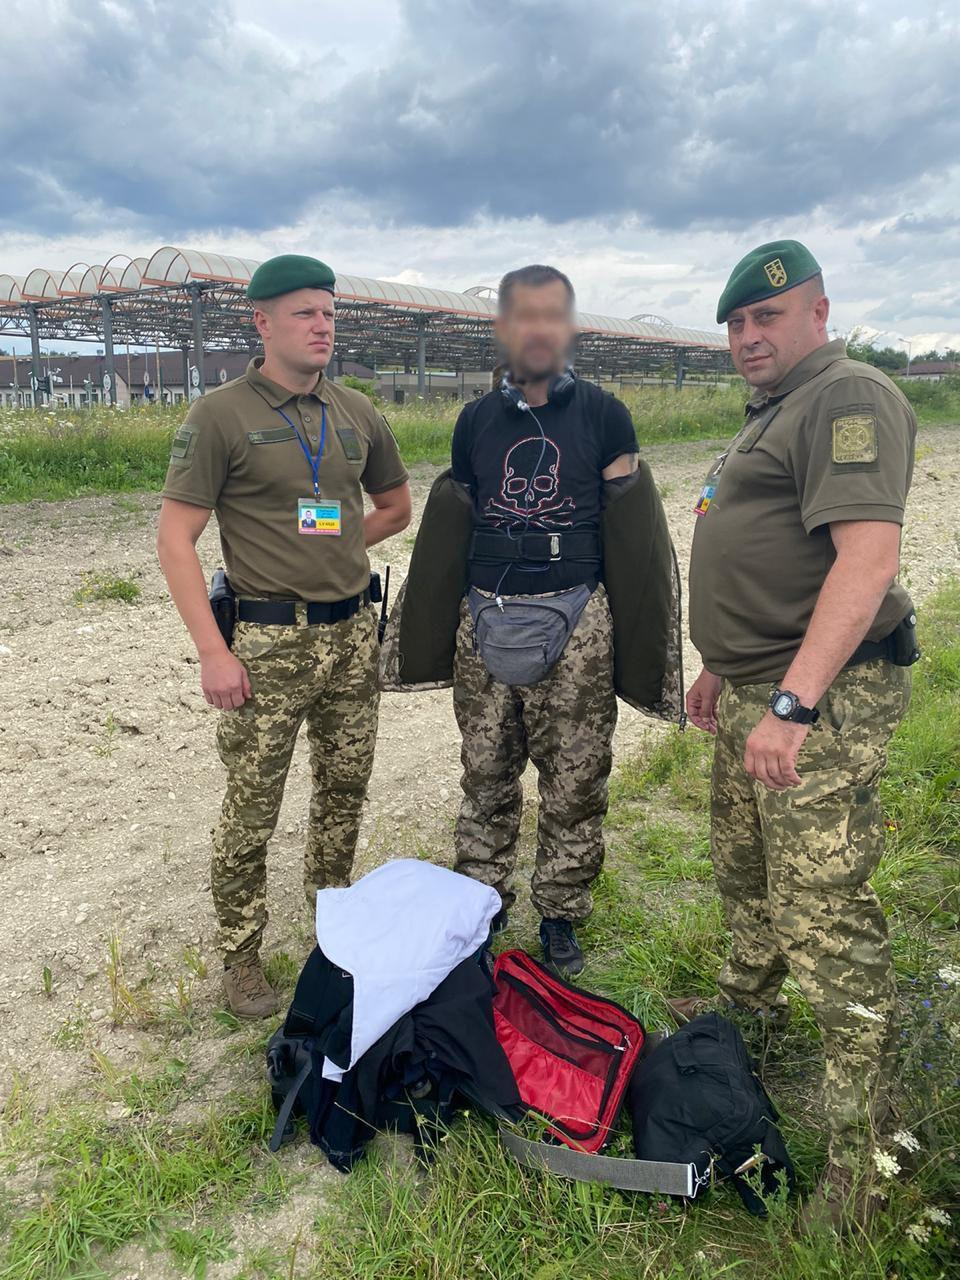 На кордоні з Польщею затримали латвійця, одягненого як прикордонник / фотоДПСУ